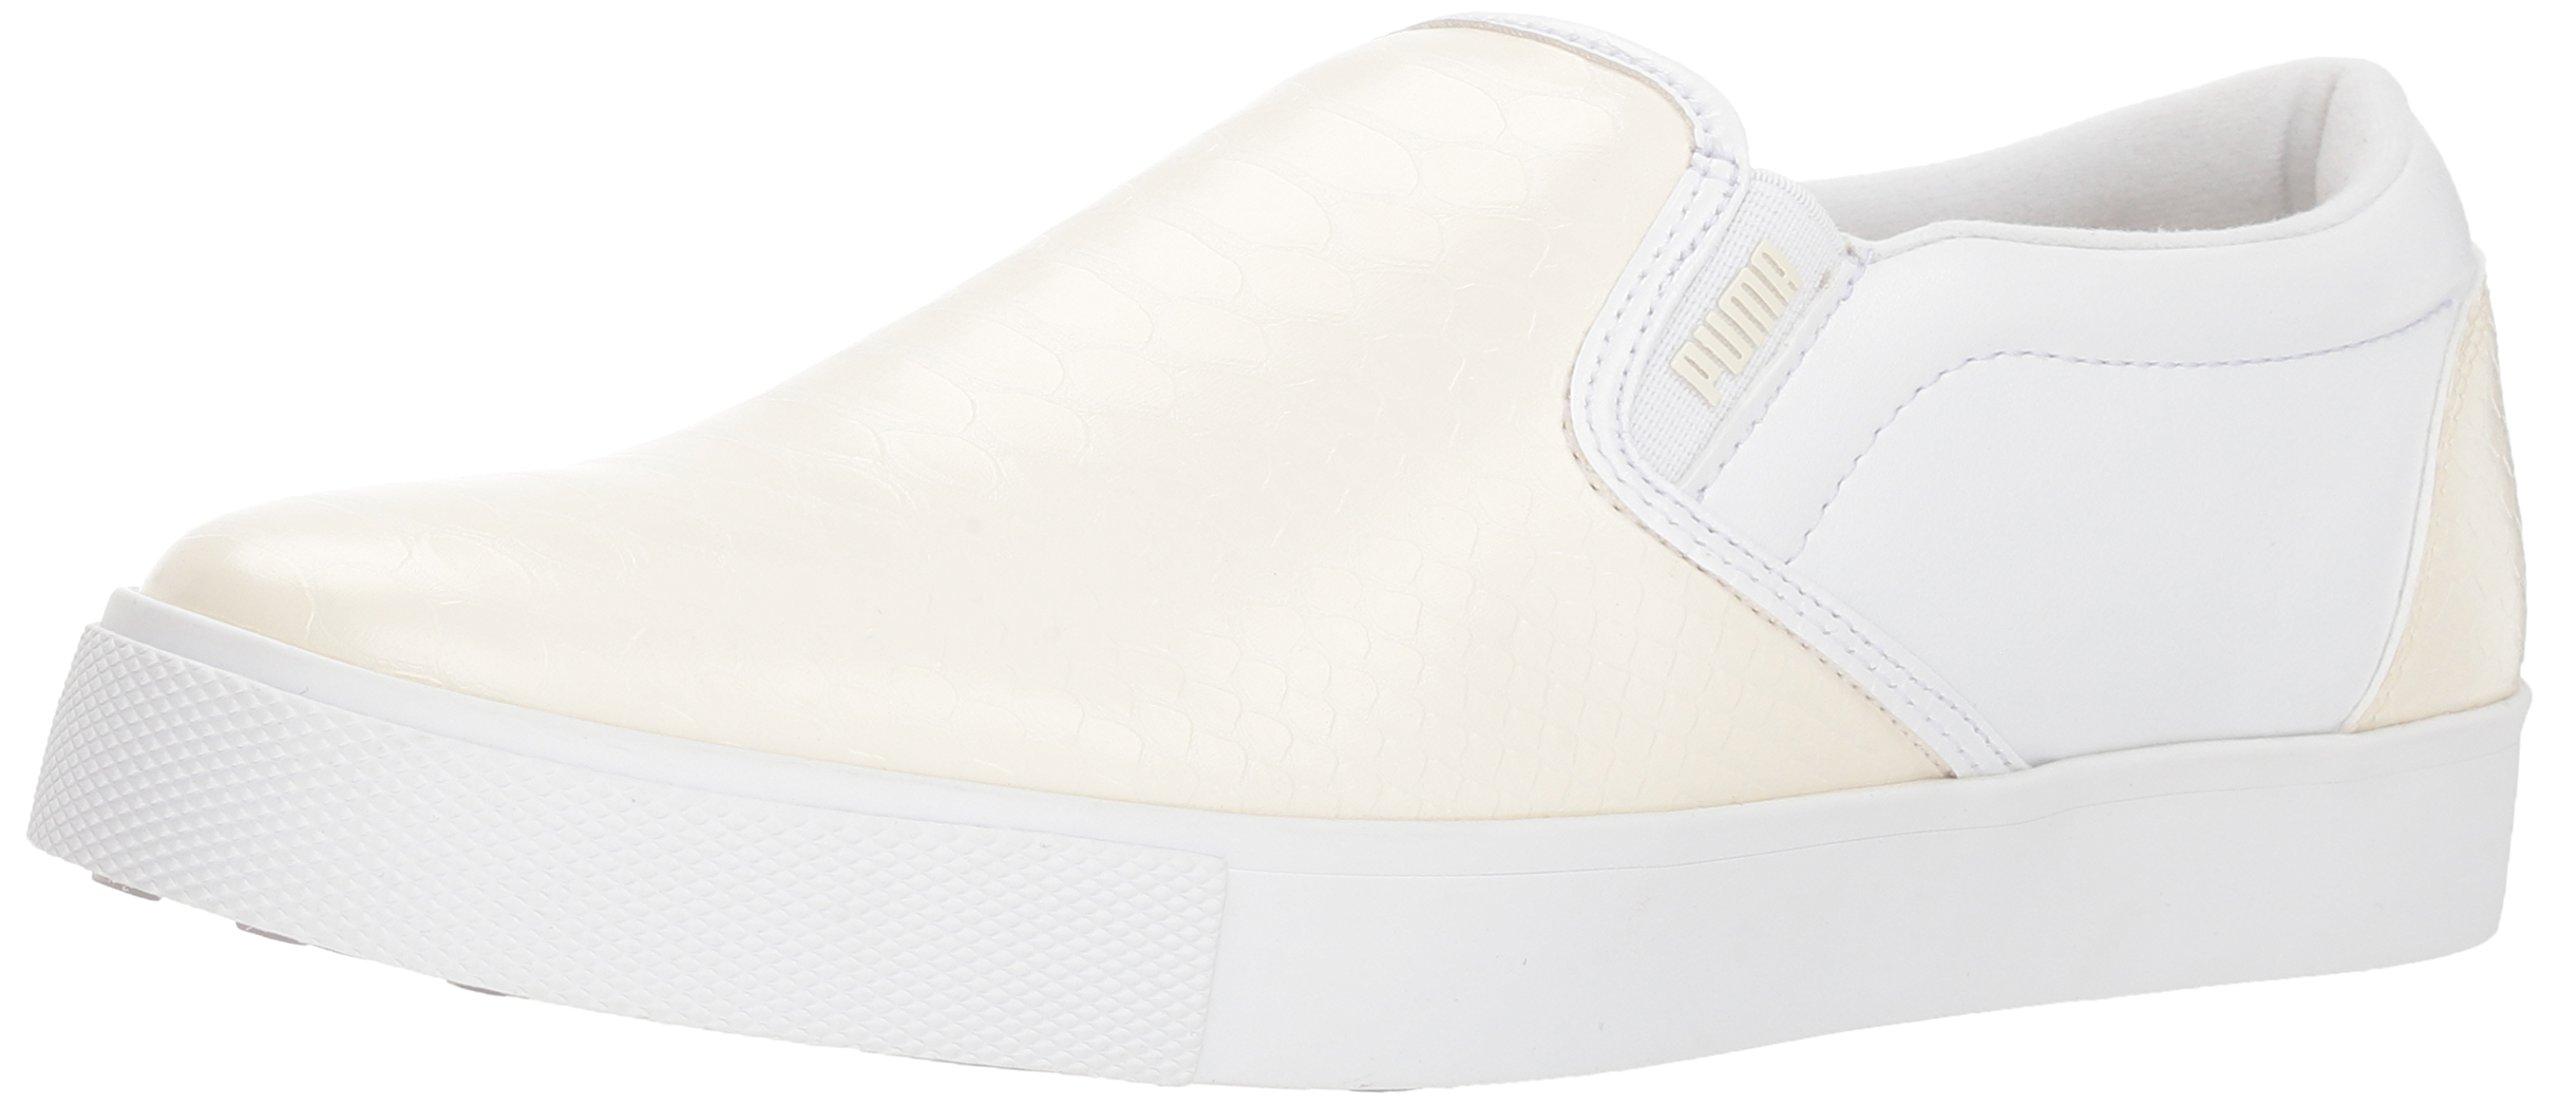 PUMA Golf Women's Tustin Slip-on Golf Shoe, Whisper White White, 7.5 M US